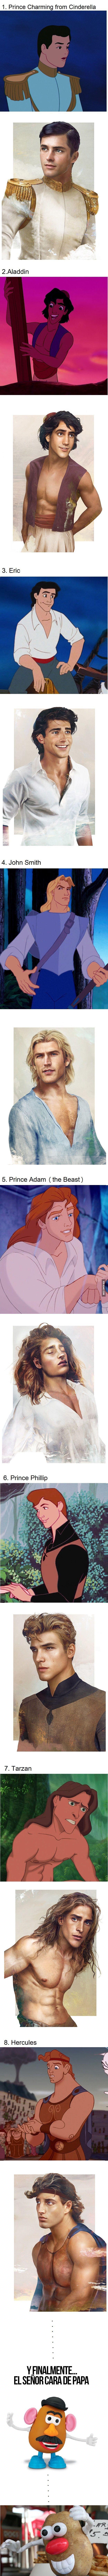 Los príncipes de Disney en carne y hueso- Mundo TKM MEX